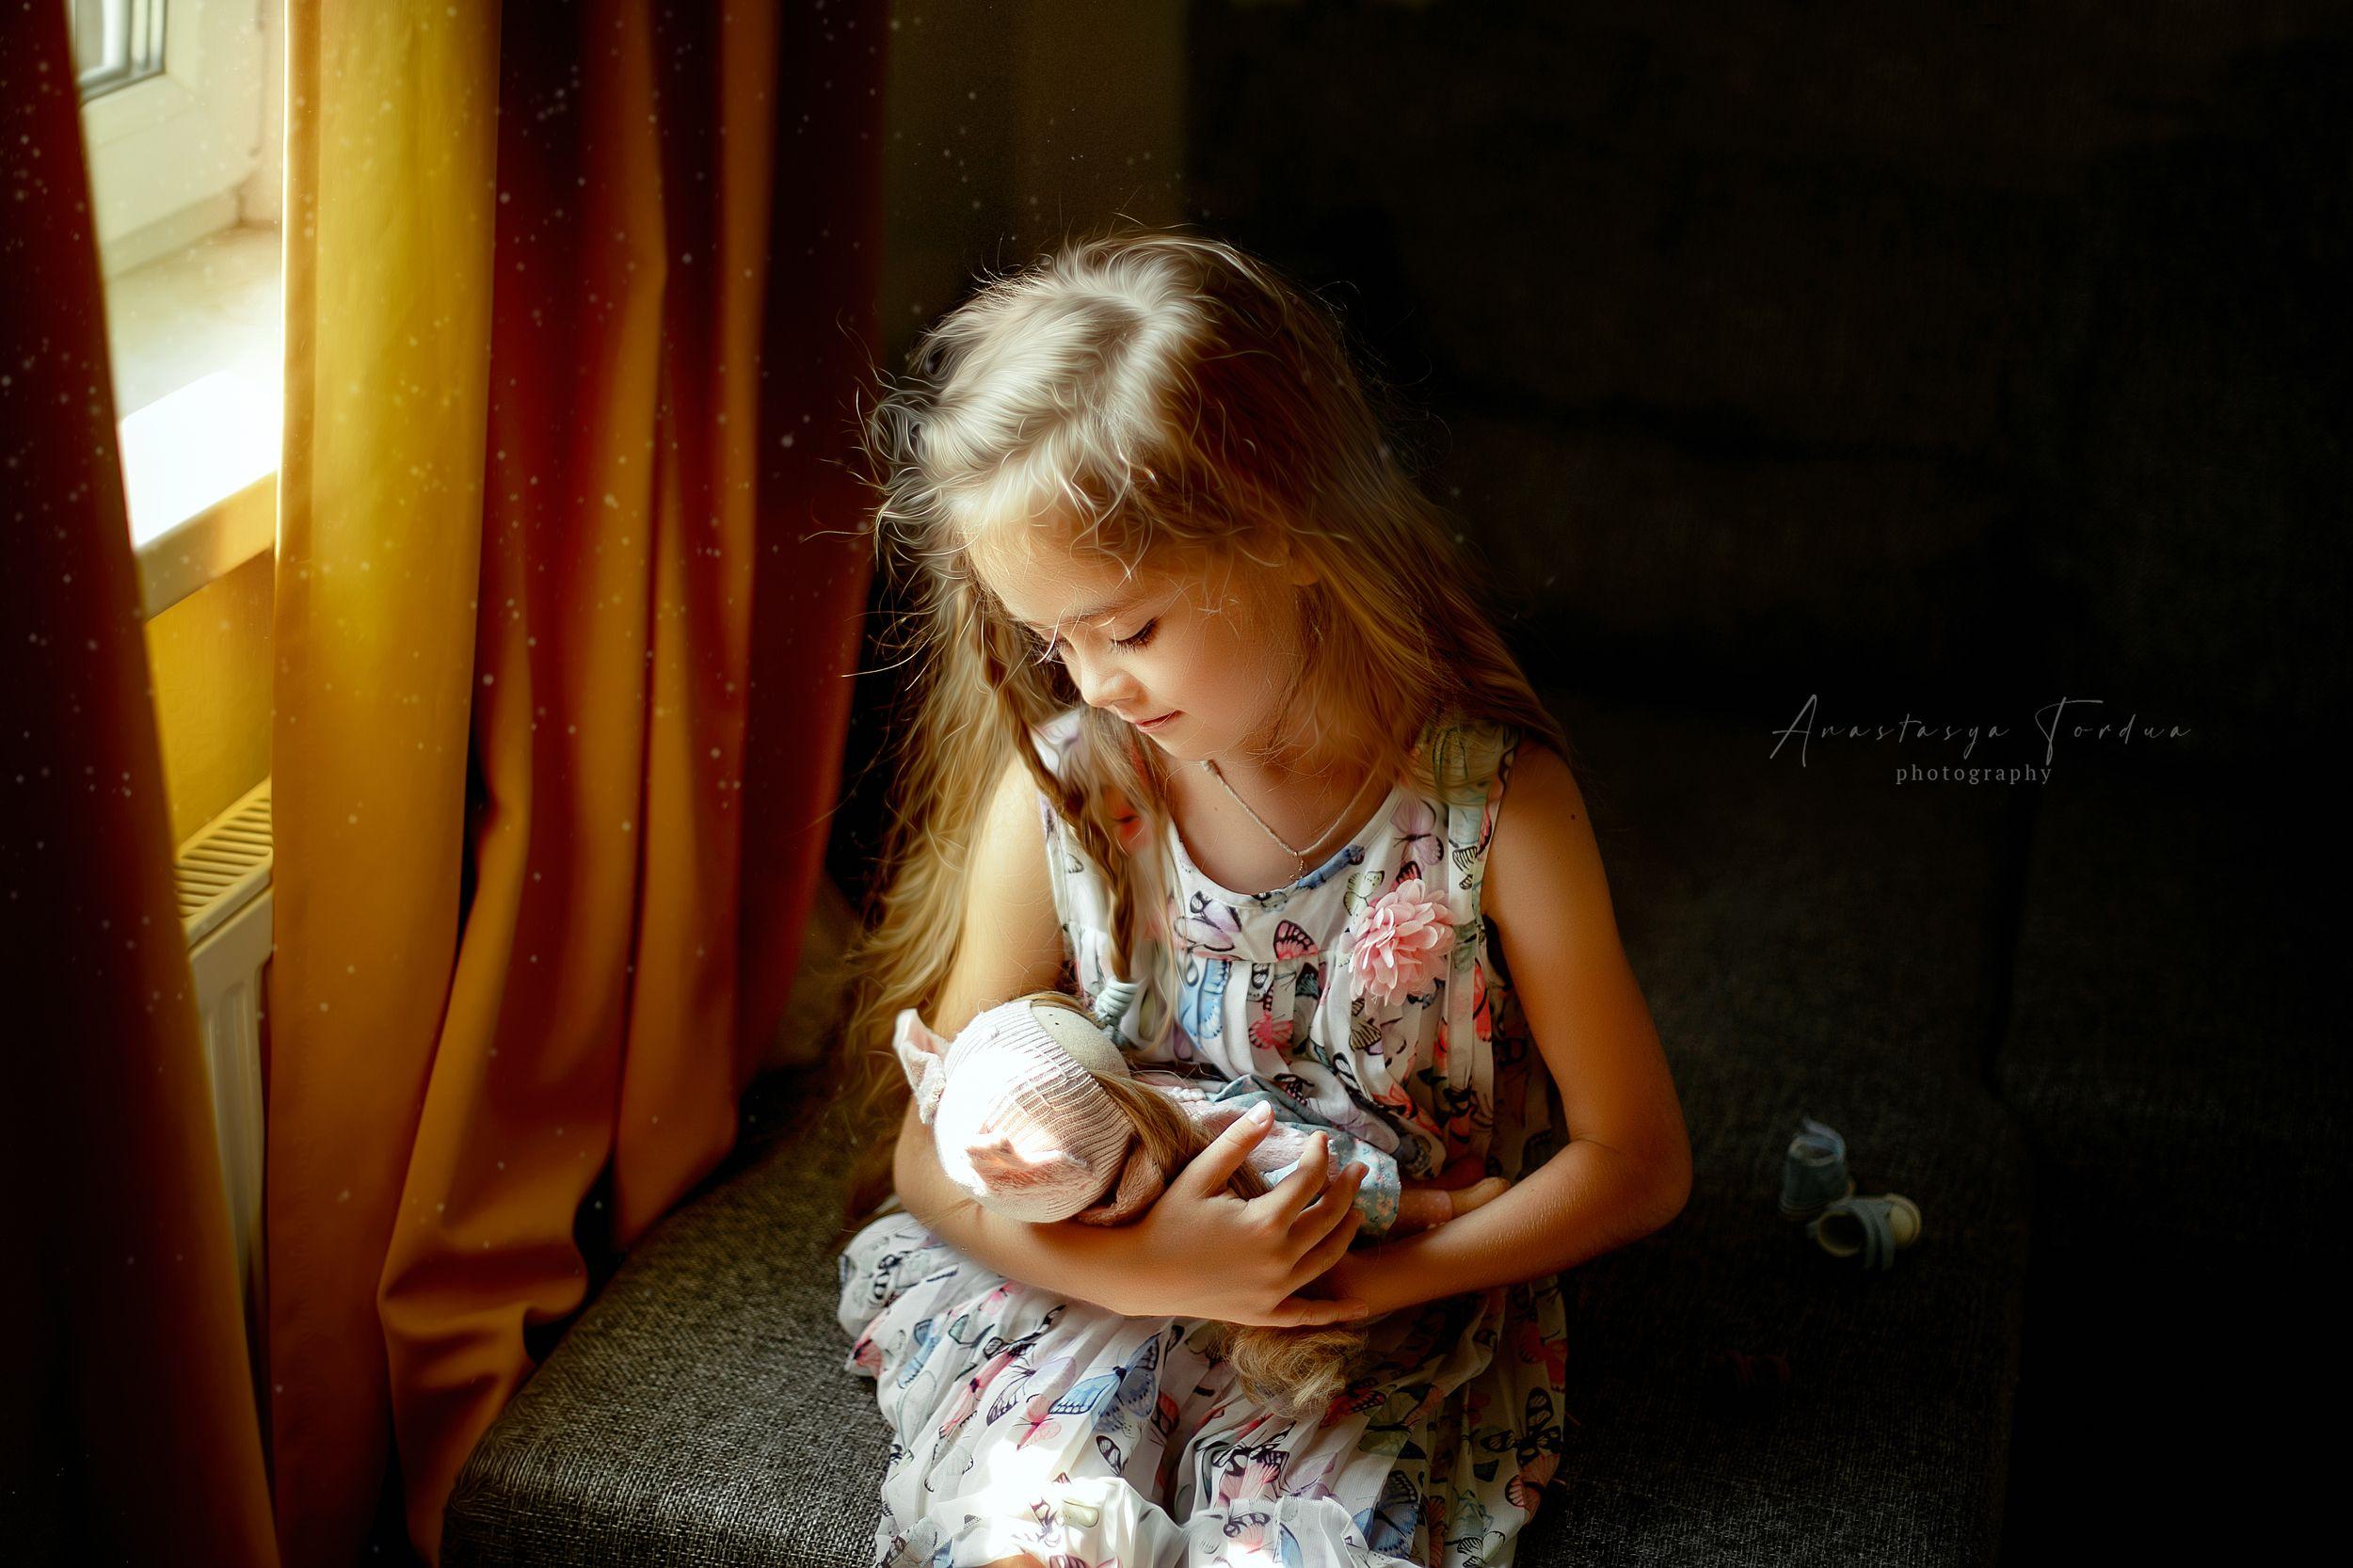 девочка детскаяфотография домашнеефото кукла, Анастасия Тордуа